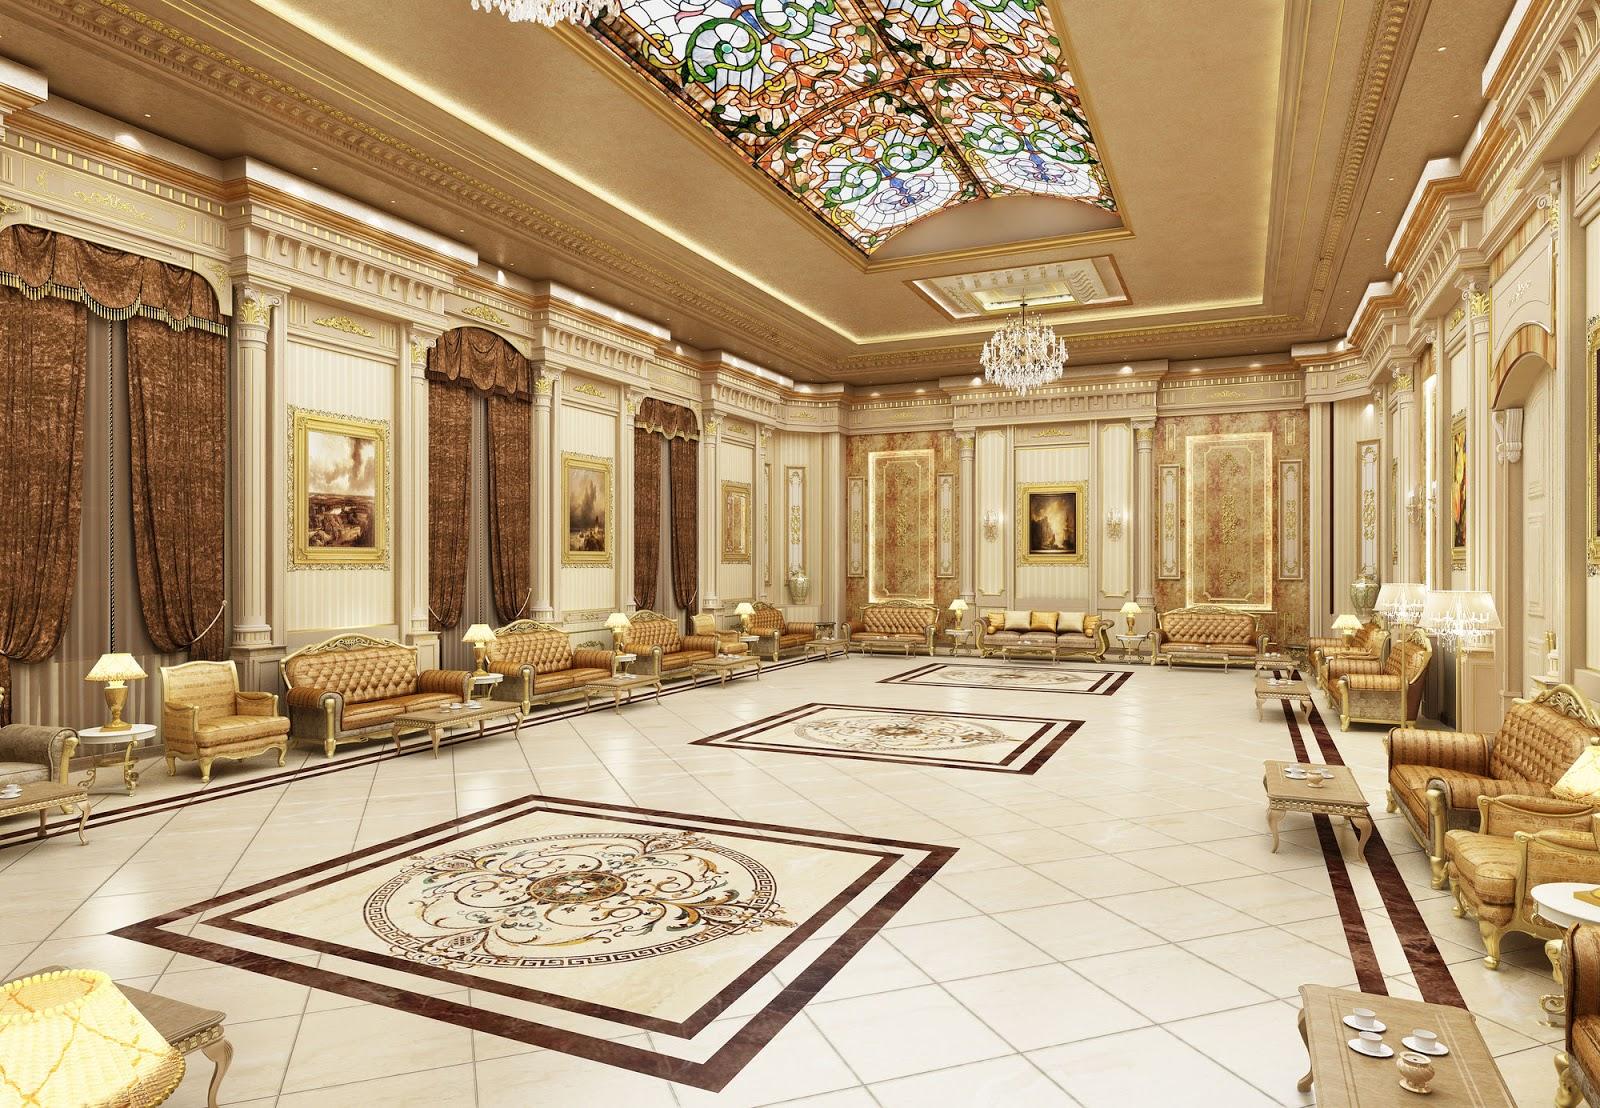 bangunan ornamen grc klasik kuba rumah interior panel